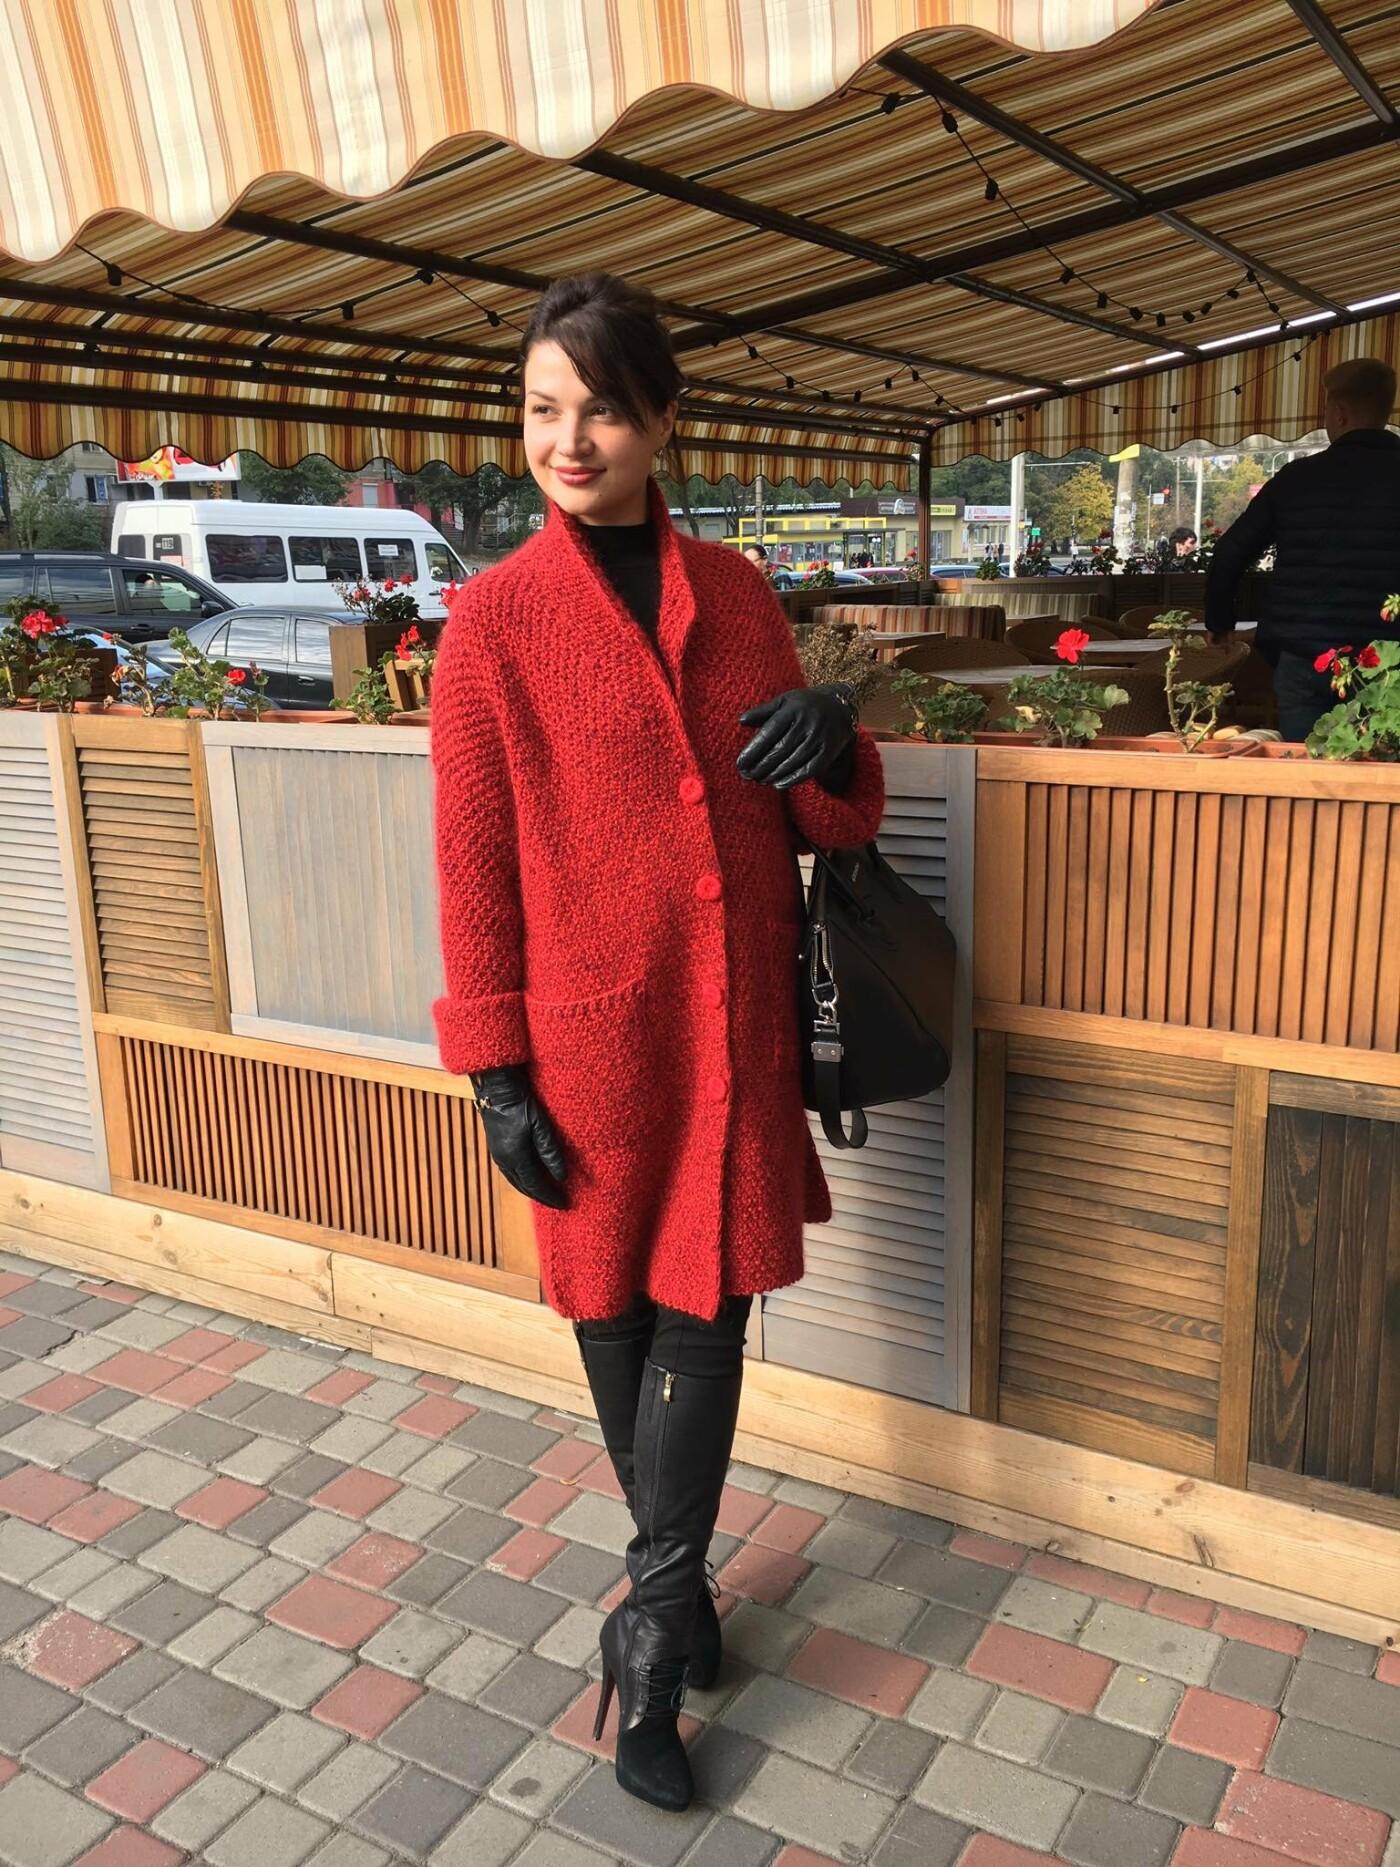 «Я вяжу уже более 50 лет и до сих пор засиживаюсь ночами со спицами» – мастерица из Днепра о вязании, семейном бренде и знаменитых клиентах, фото-6